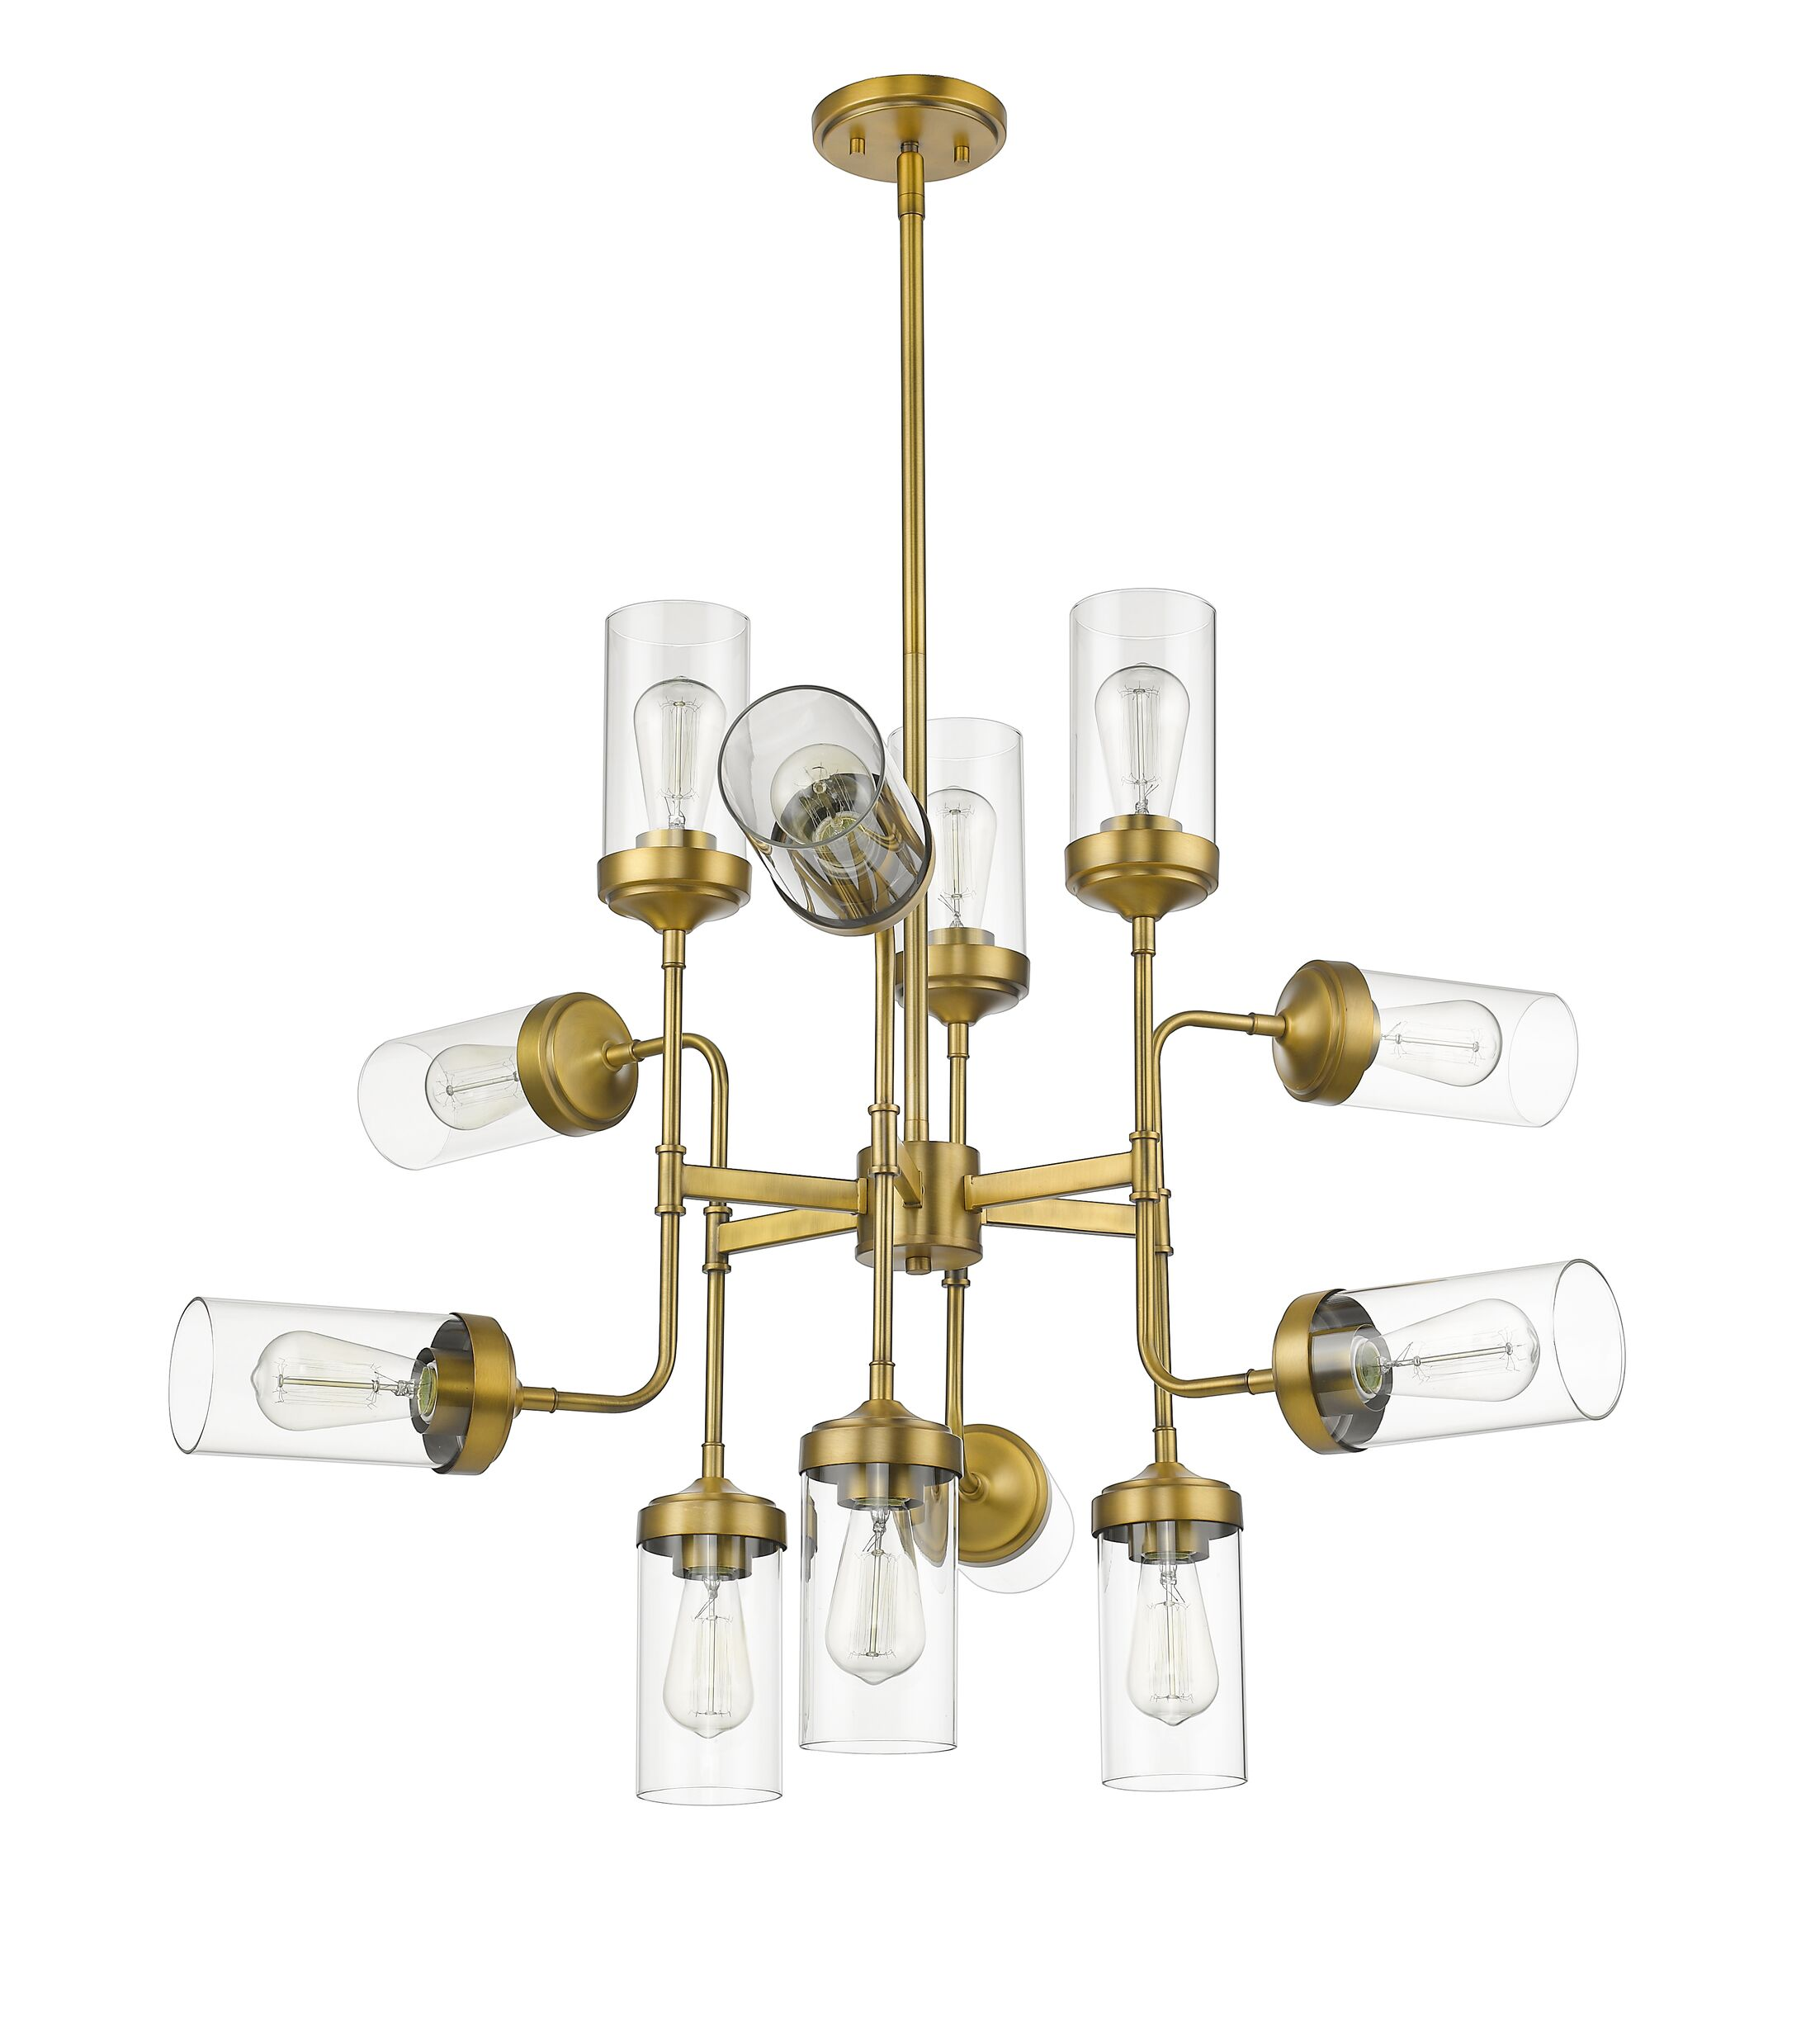 Grantham 12-Light LED�Novelty Pendant